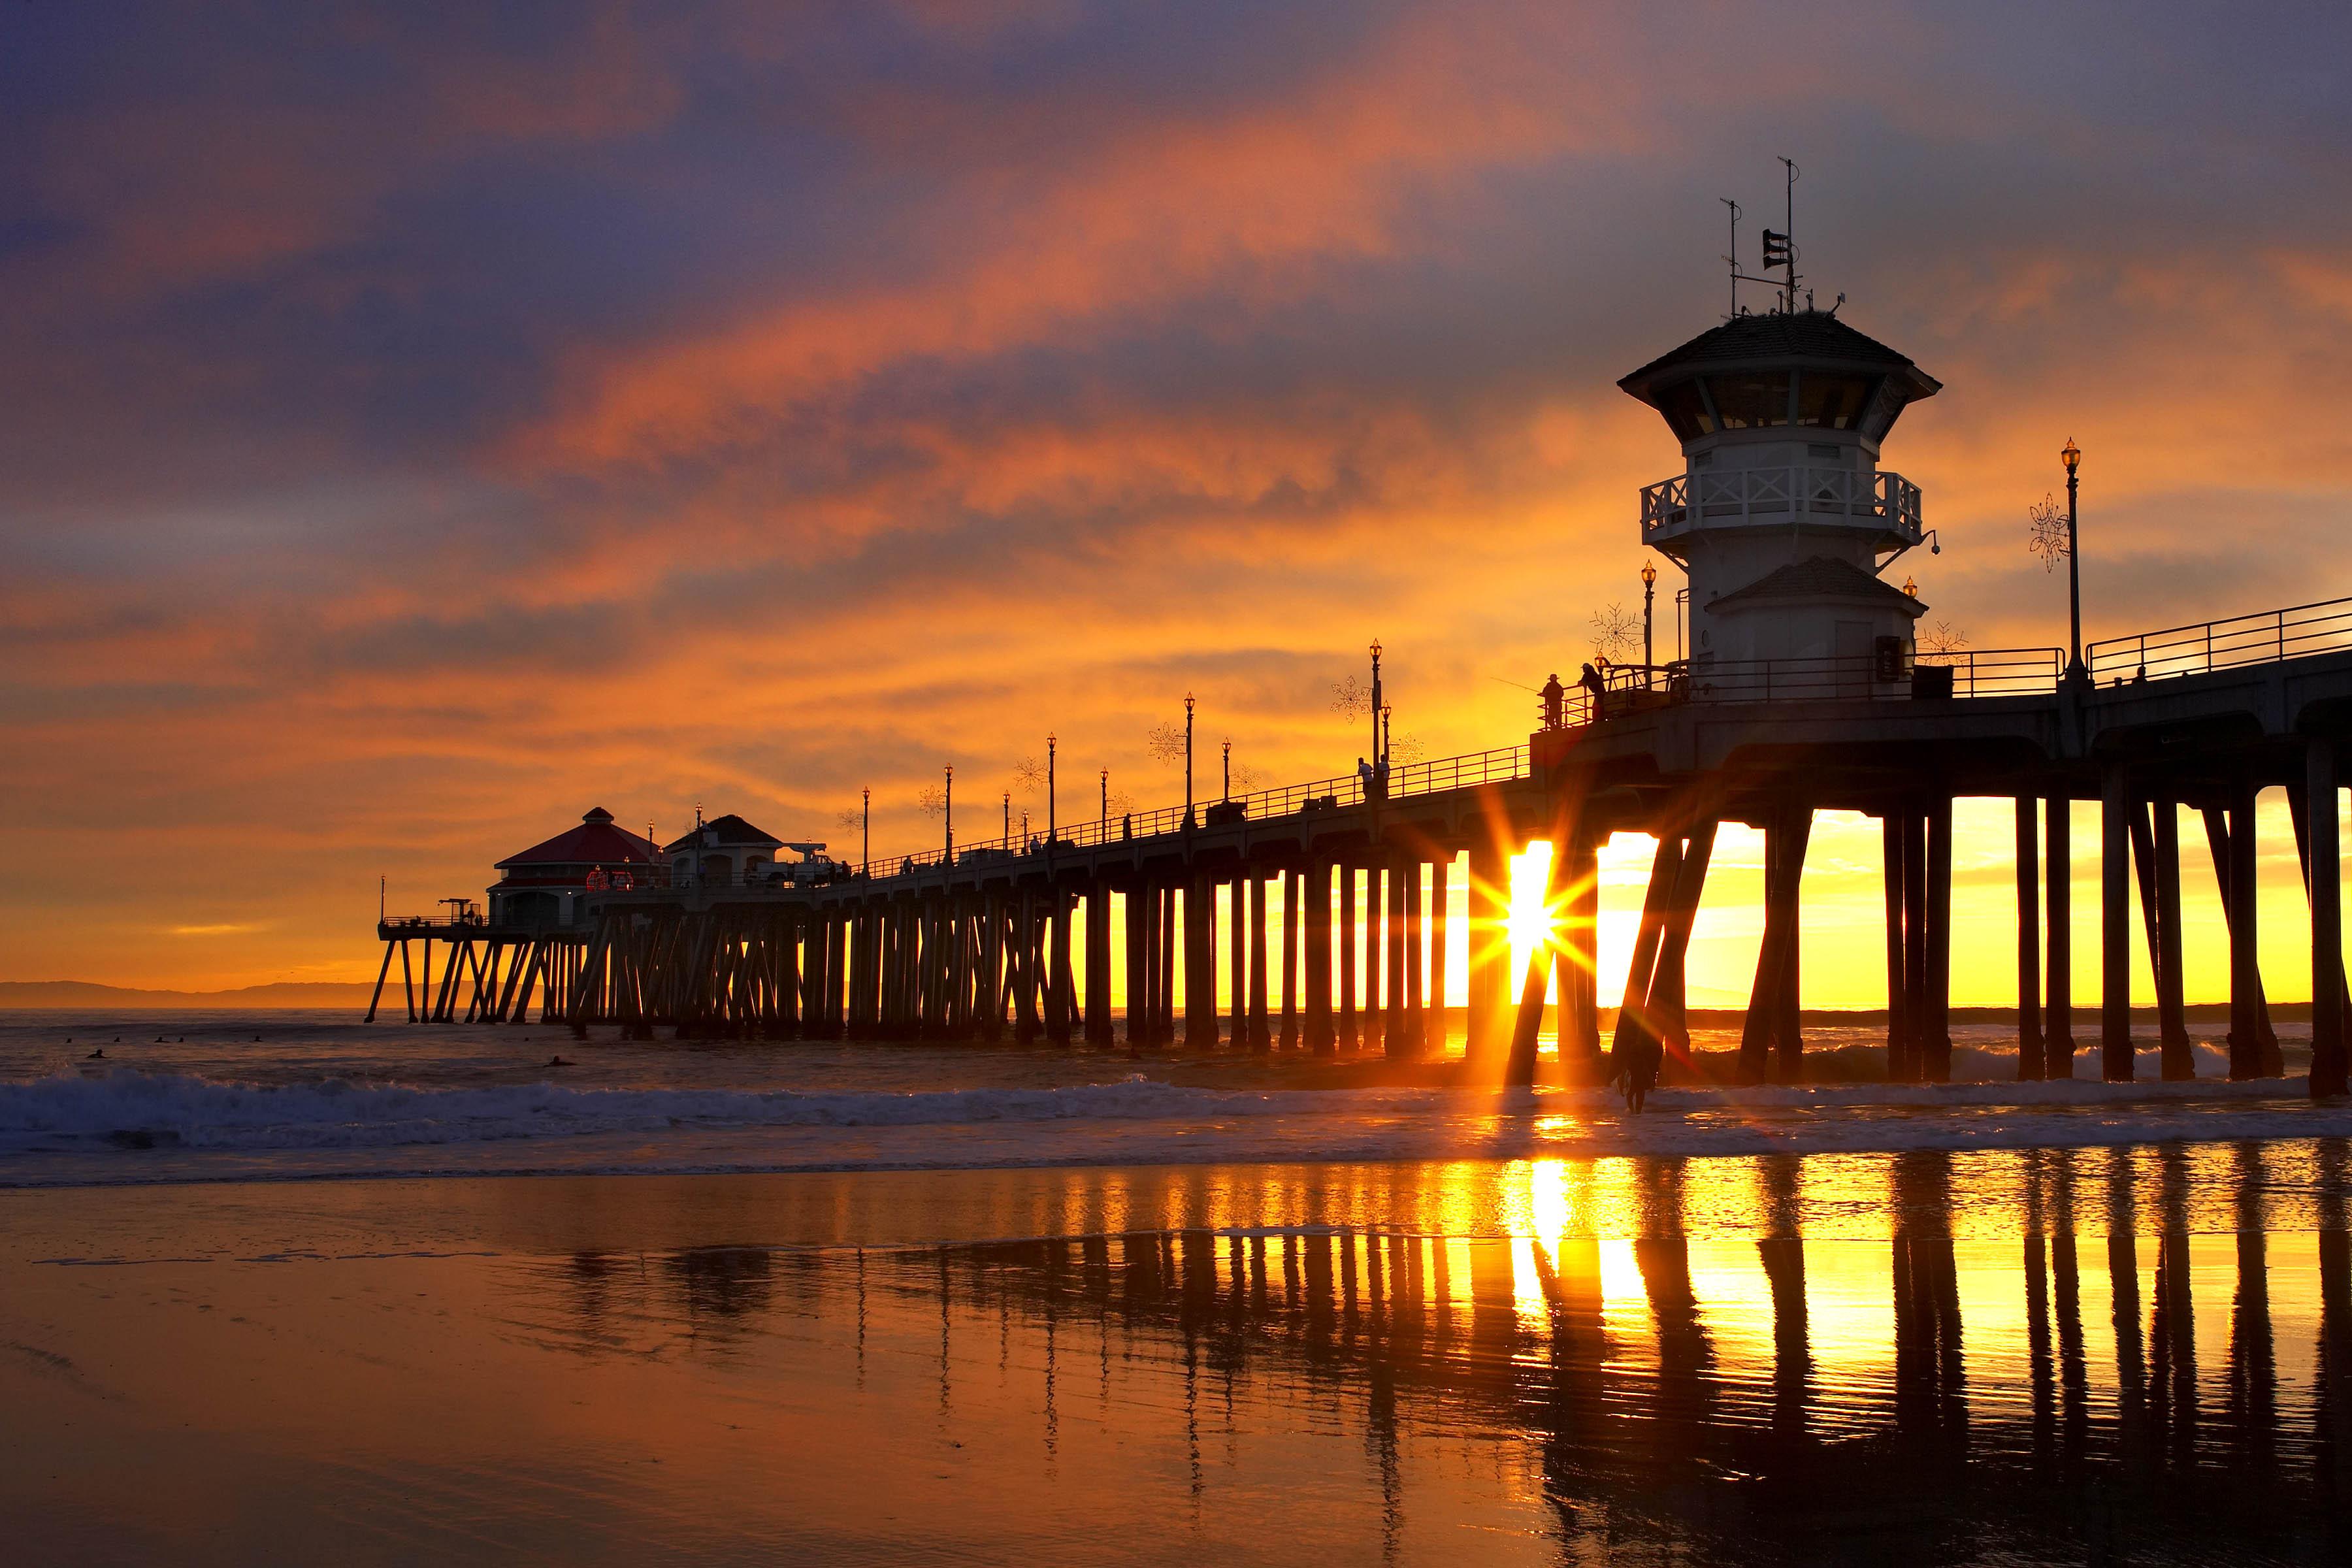 USA har problemer med at tiltrække turister fra oversøiske lande i samme forhold som konkurrenterne. Fotoet er fra en af USA's største surfbyer, Huntington Beach i det sydlige Californien. Pressefoto: Huntington Beach Marketing and Visitors Bureau.